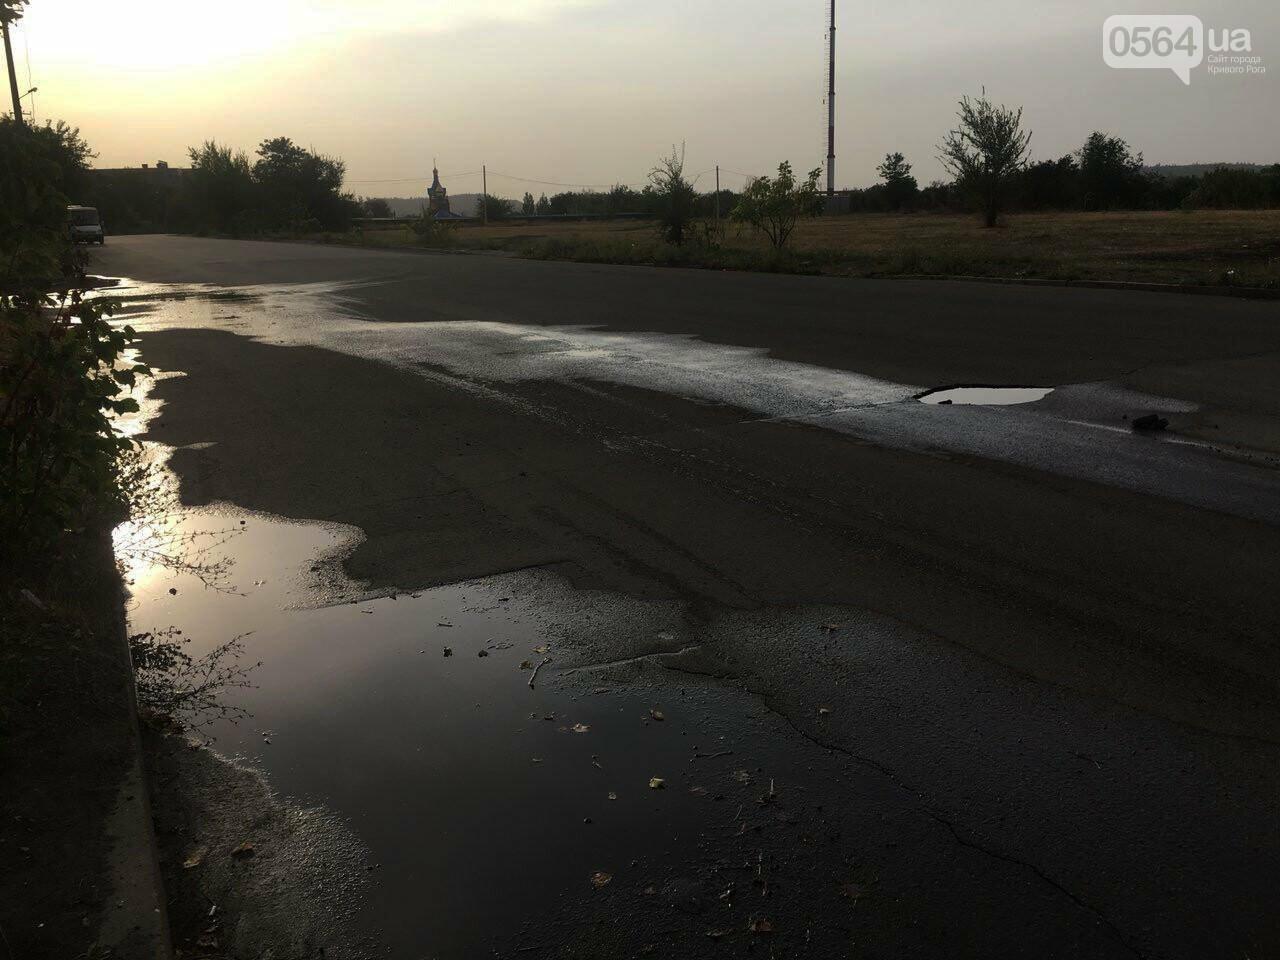 В Кривом Роге несколько дней заливает питьевой водой целый микрорайон, - ФОТО, ВИДЕО , фото-5